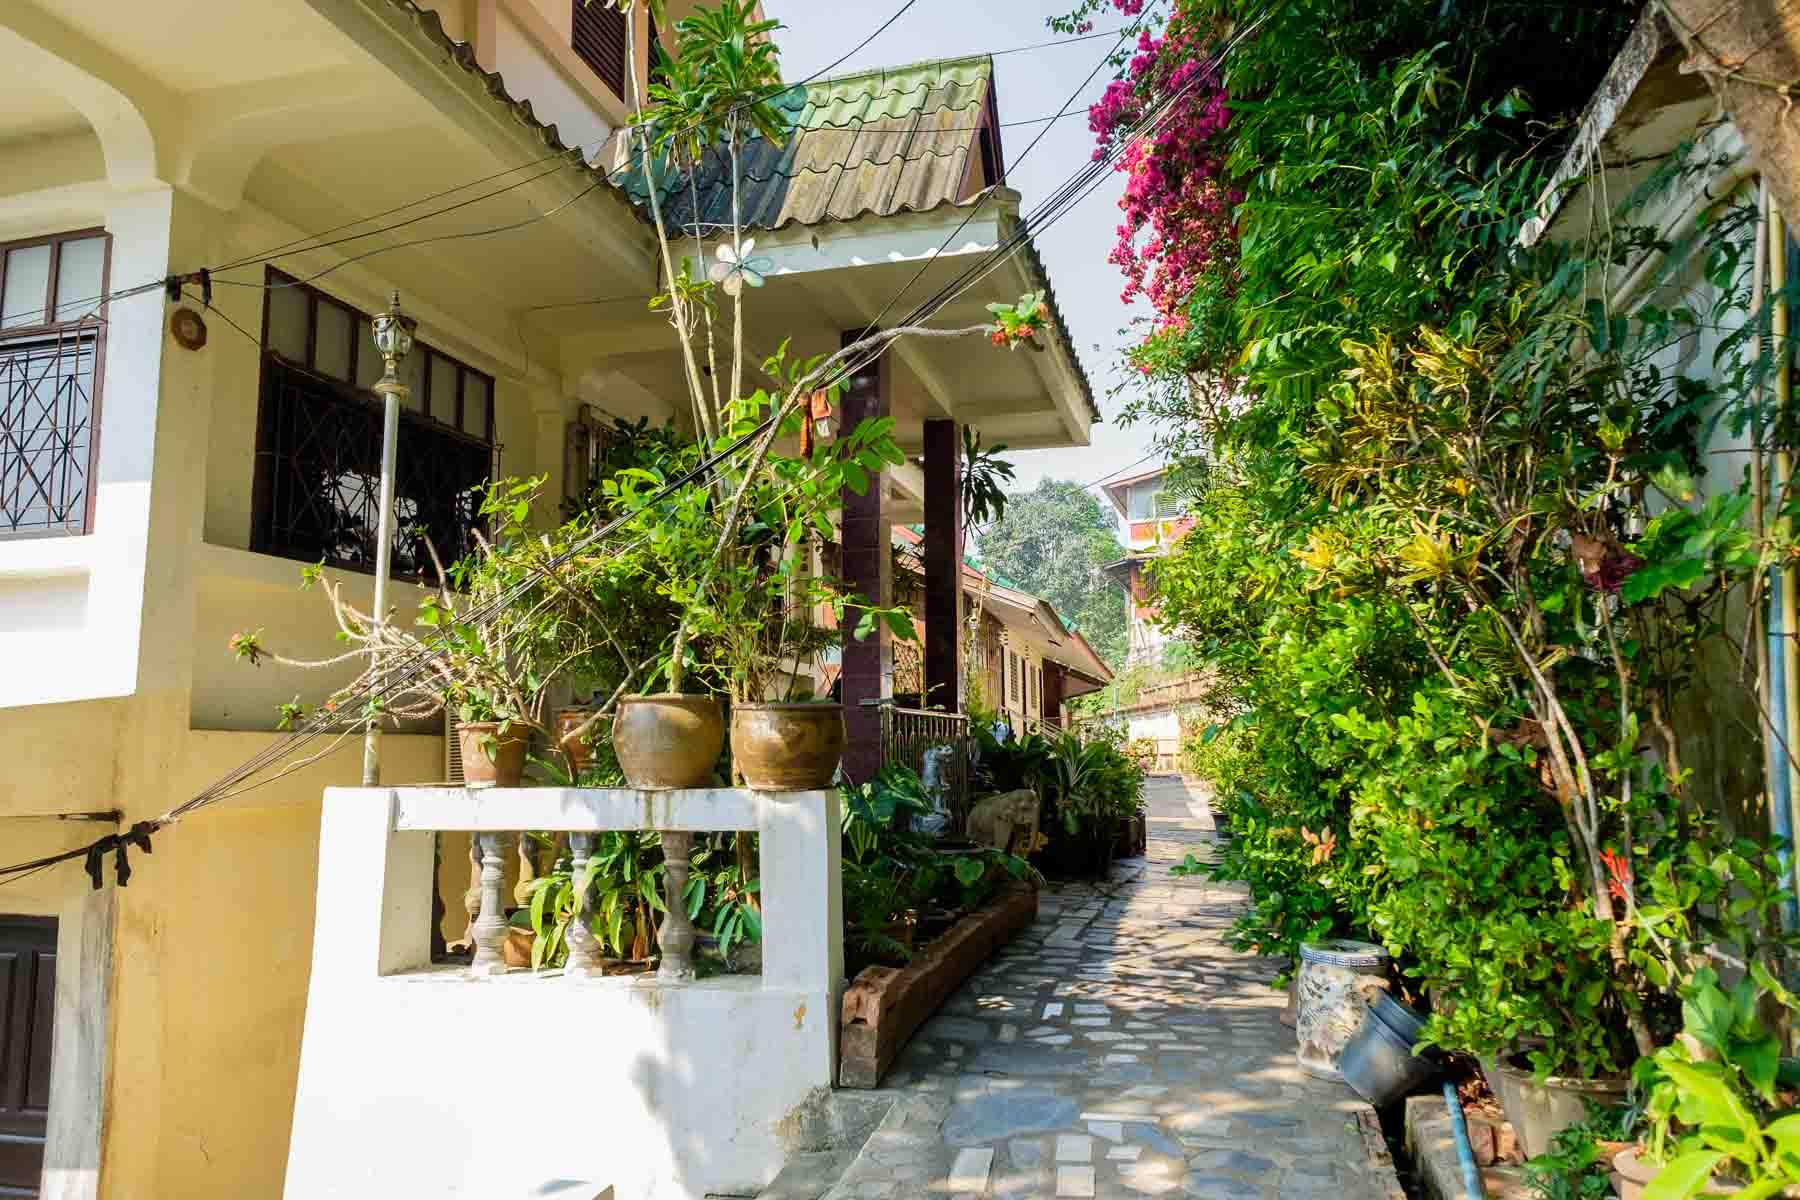 houses in doi suthep